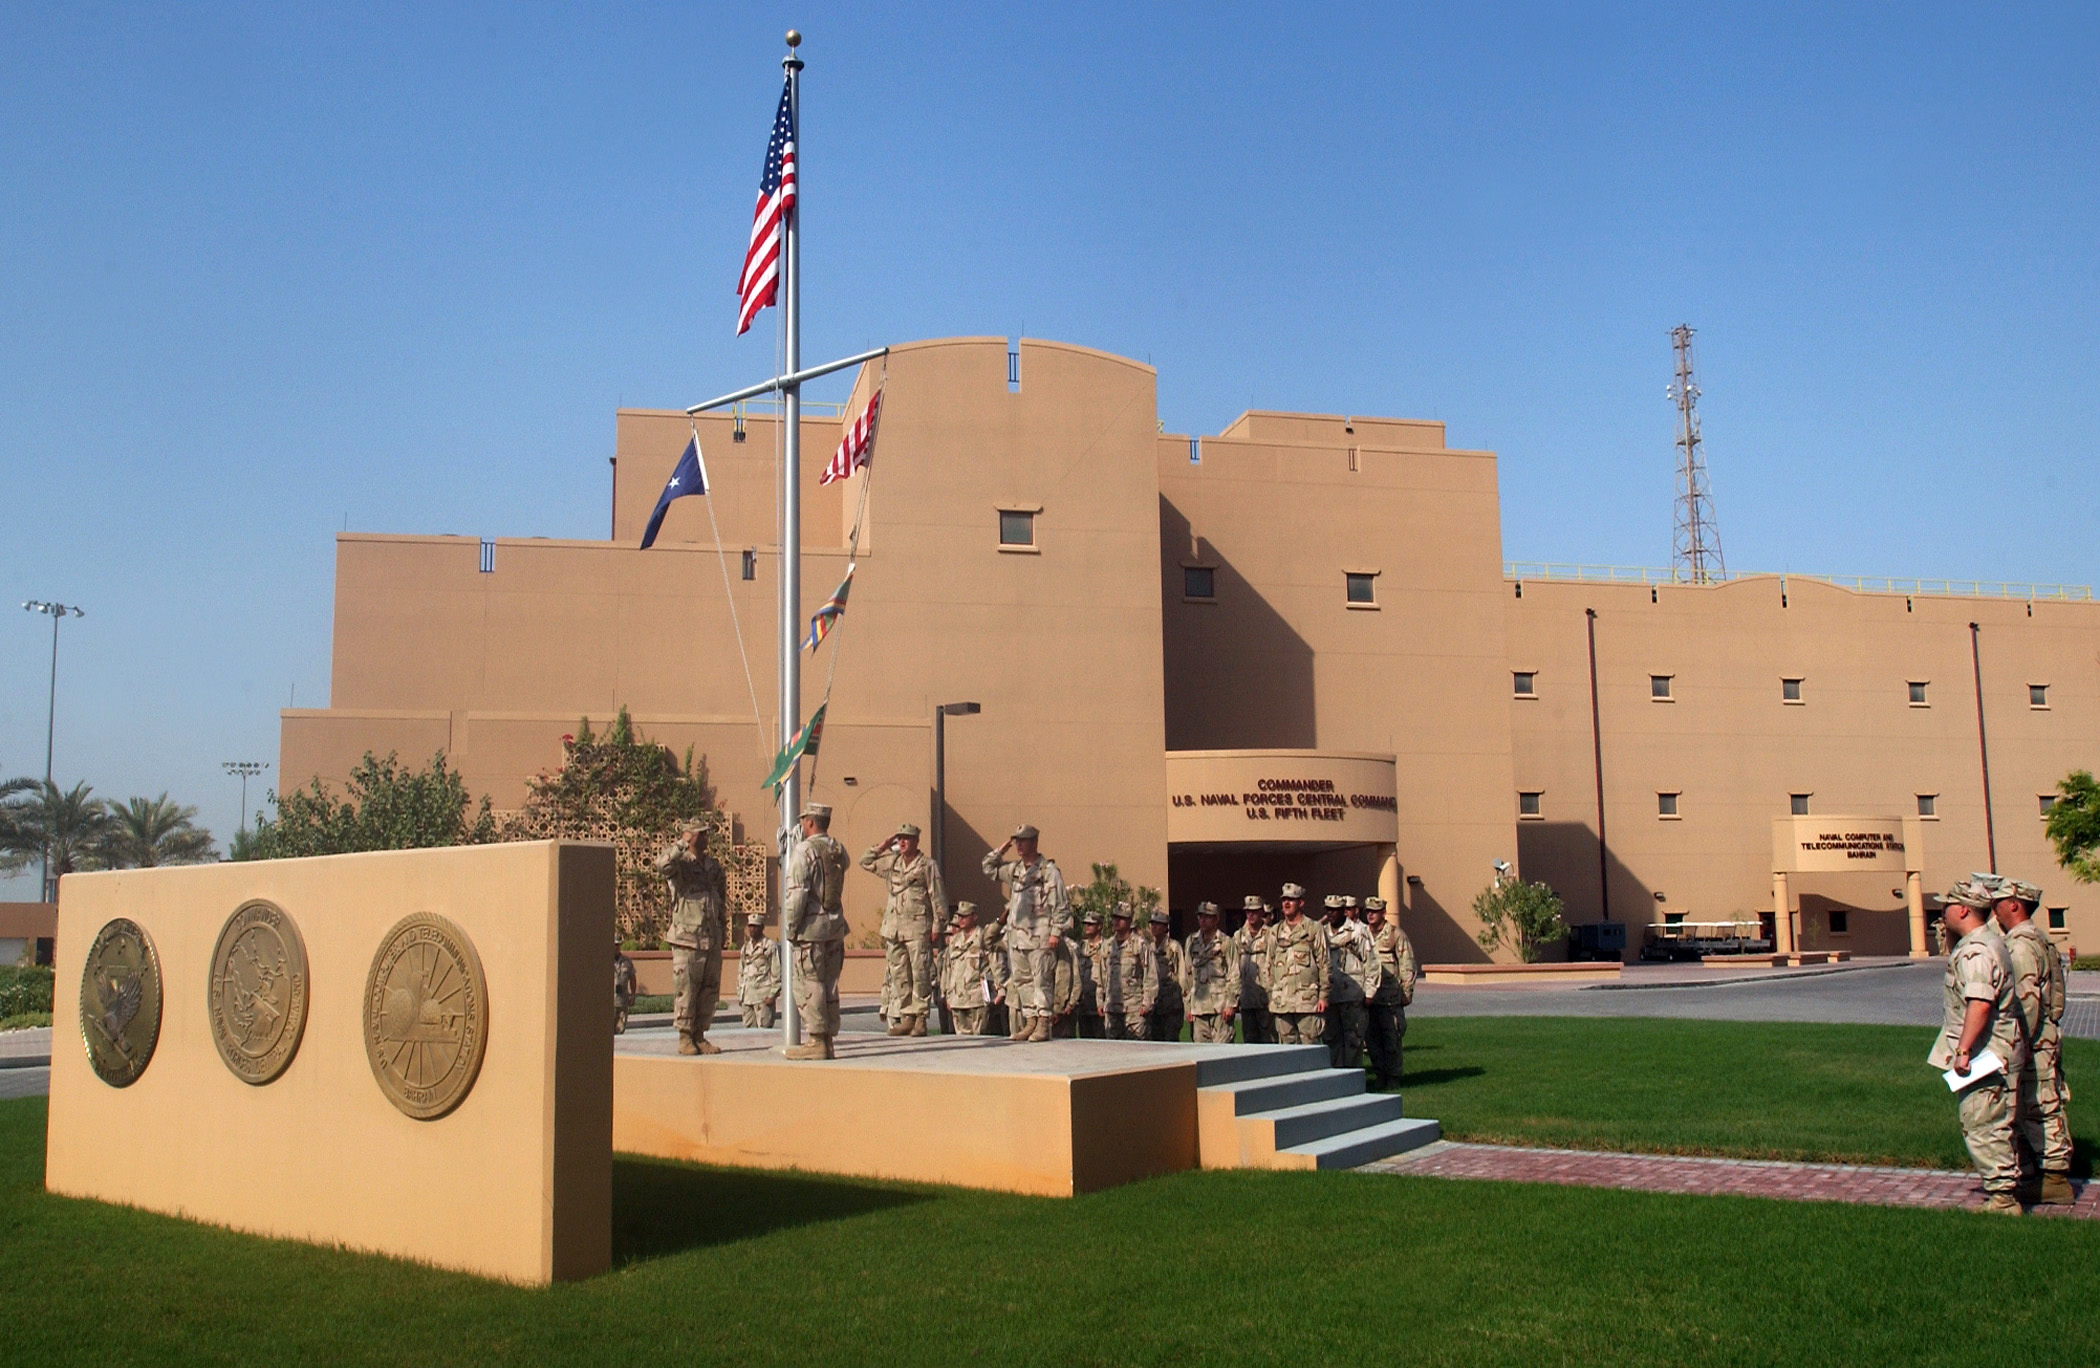 رفض شعبيّ بحرانيّ للوجود العسكري الأمريكي في البلاد